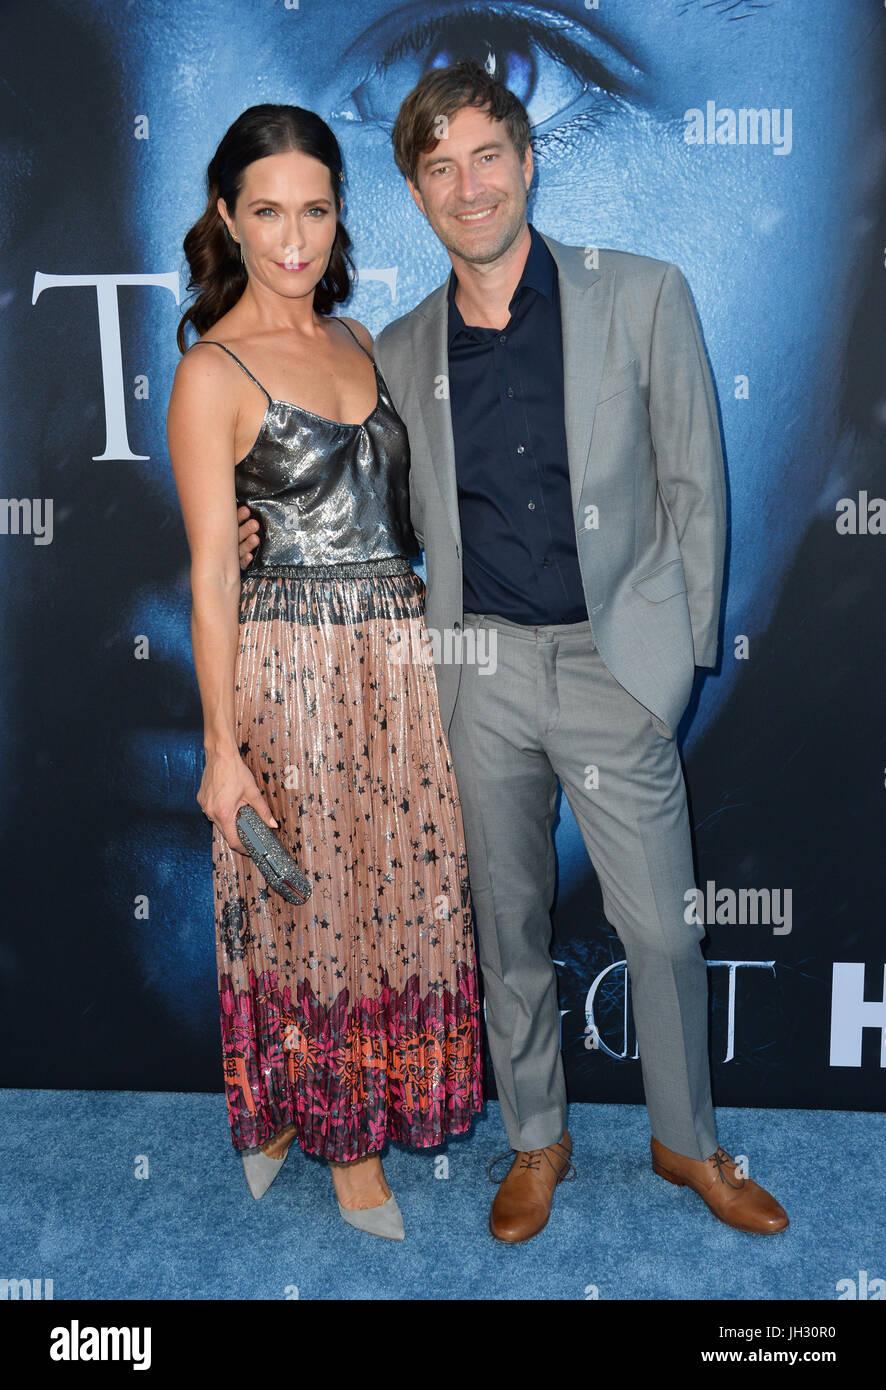 Los Angeles Usa 12 Juli 2017 Schauspieler Mark Duplass Frau